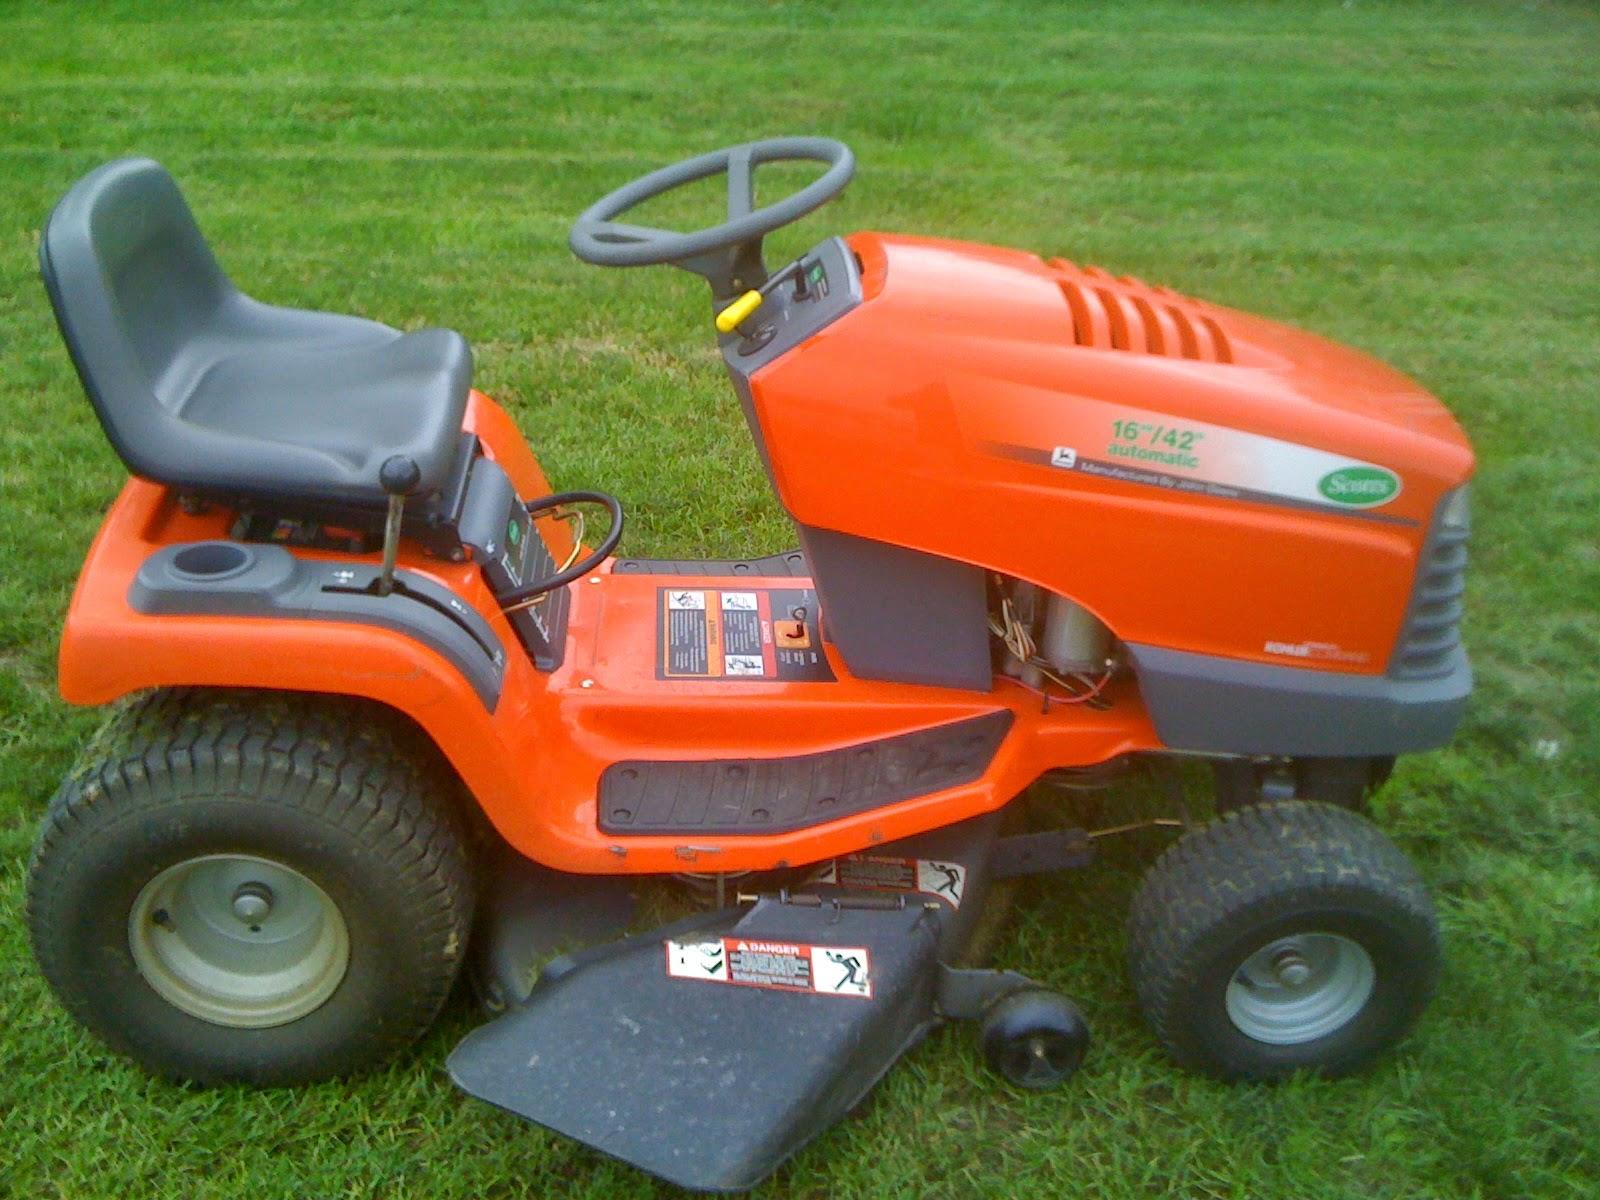 free lawn mower - Parfu kaptanband co